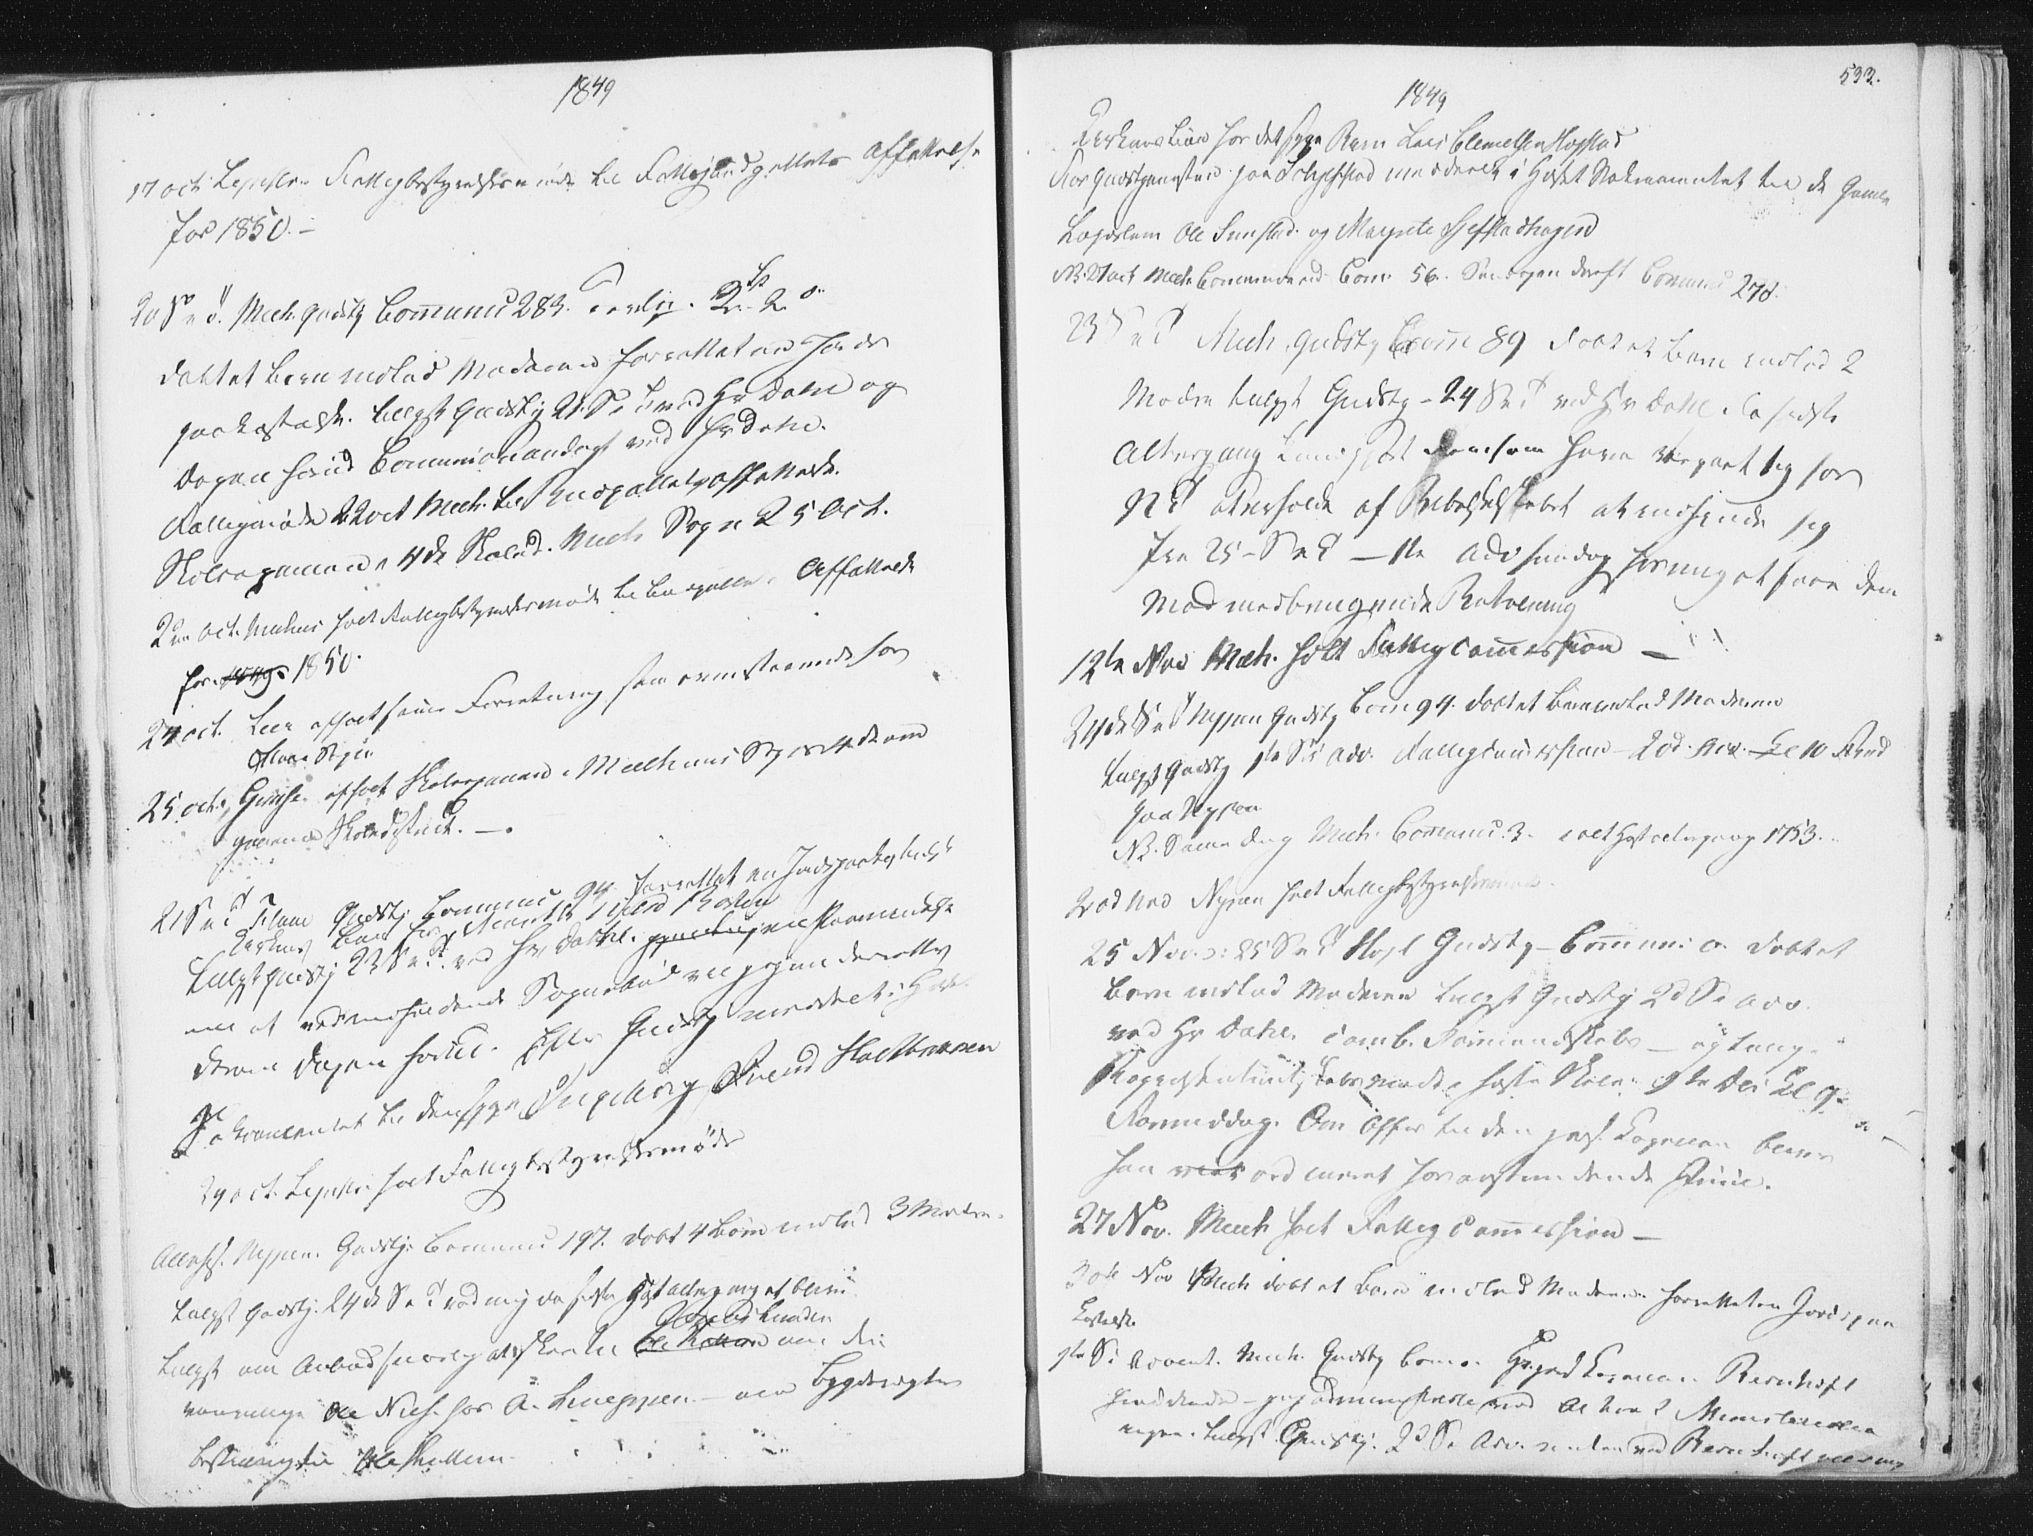 SAT, Ministerialprotokoller, klokkerbøker og fødselsregistre - Sør-Trøndelag, 691/L1074: Ministerialbok nr. 691A06, 1842-1852, s. 533